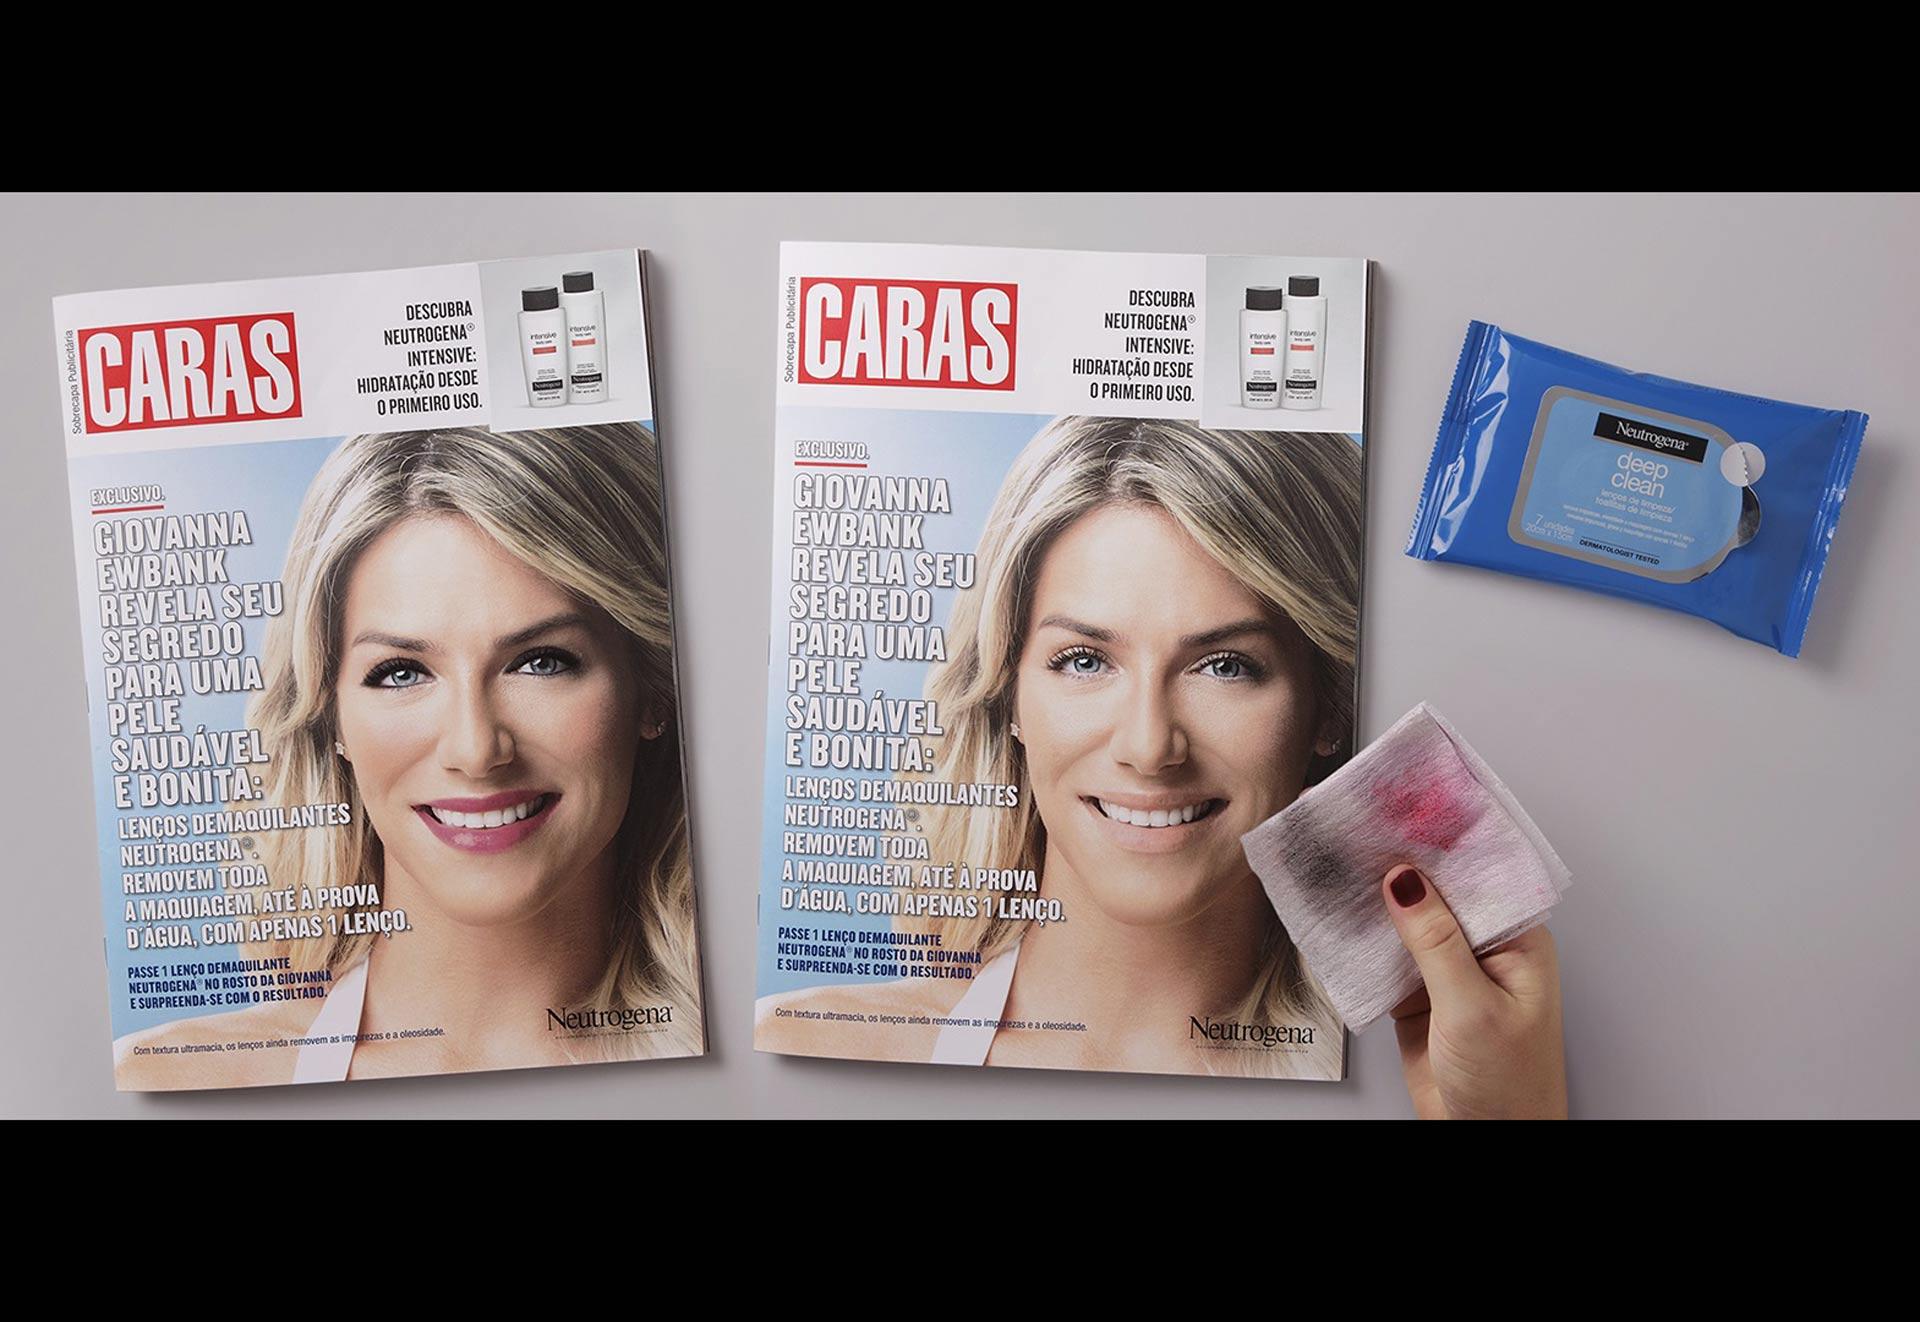 La nueva campaña publicitaria de la empresa quiere mostrar la efectividad de sus toallitas desmaquilantes